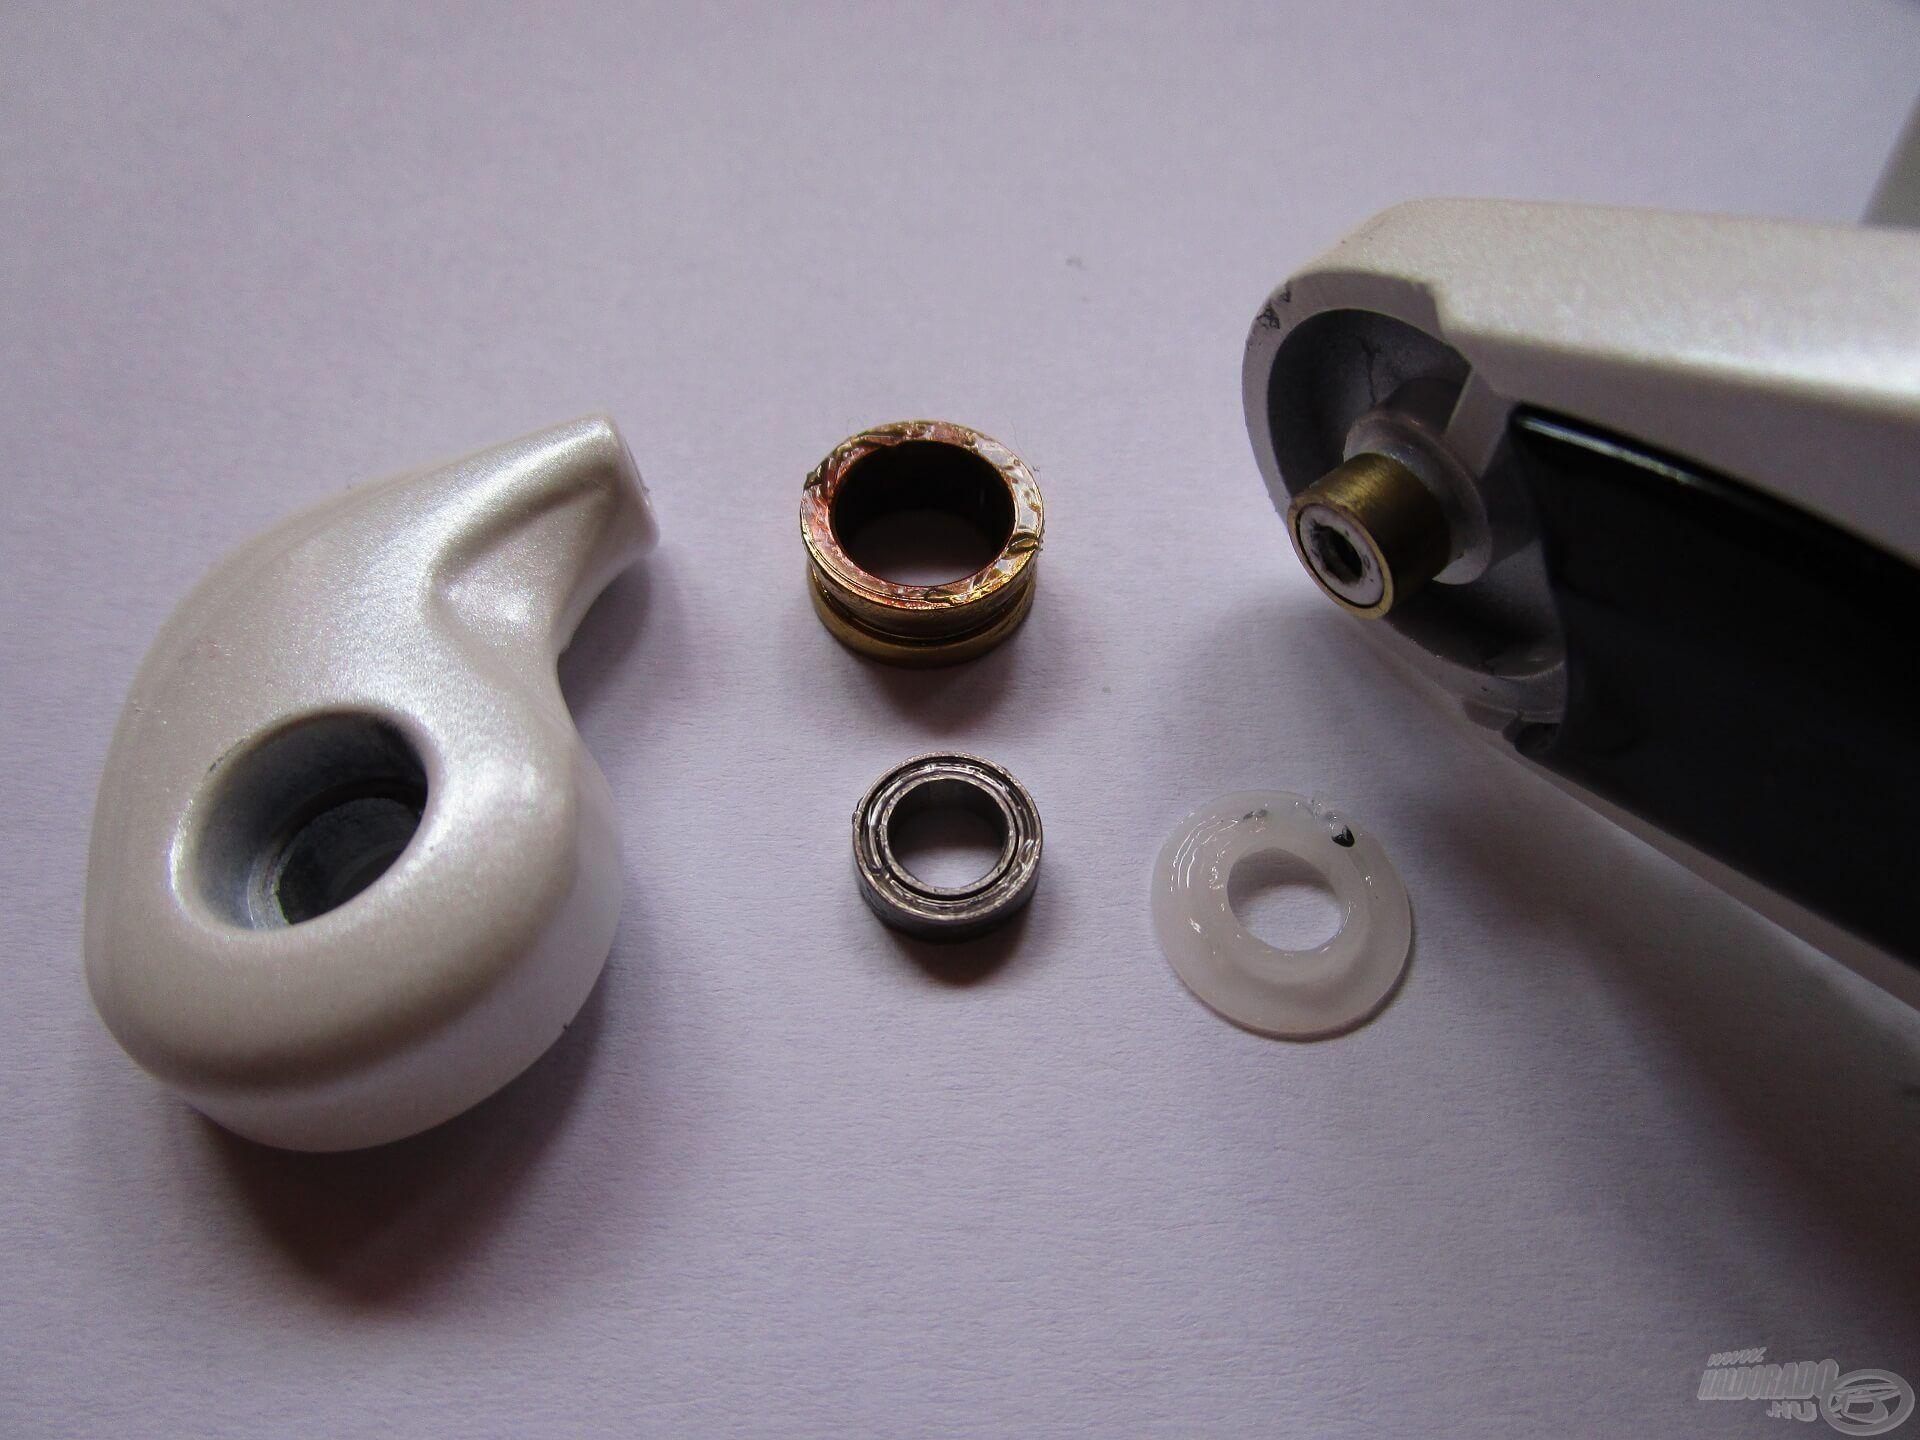 A felkapókar mindkét oldala fém perselyt kapott, a zsinórvezető görgőben pedig ott rejtőzik az acél golyóscsapágy